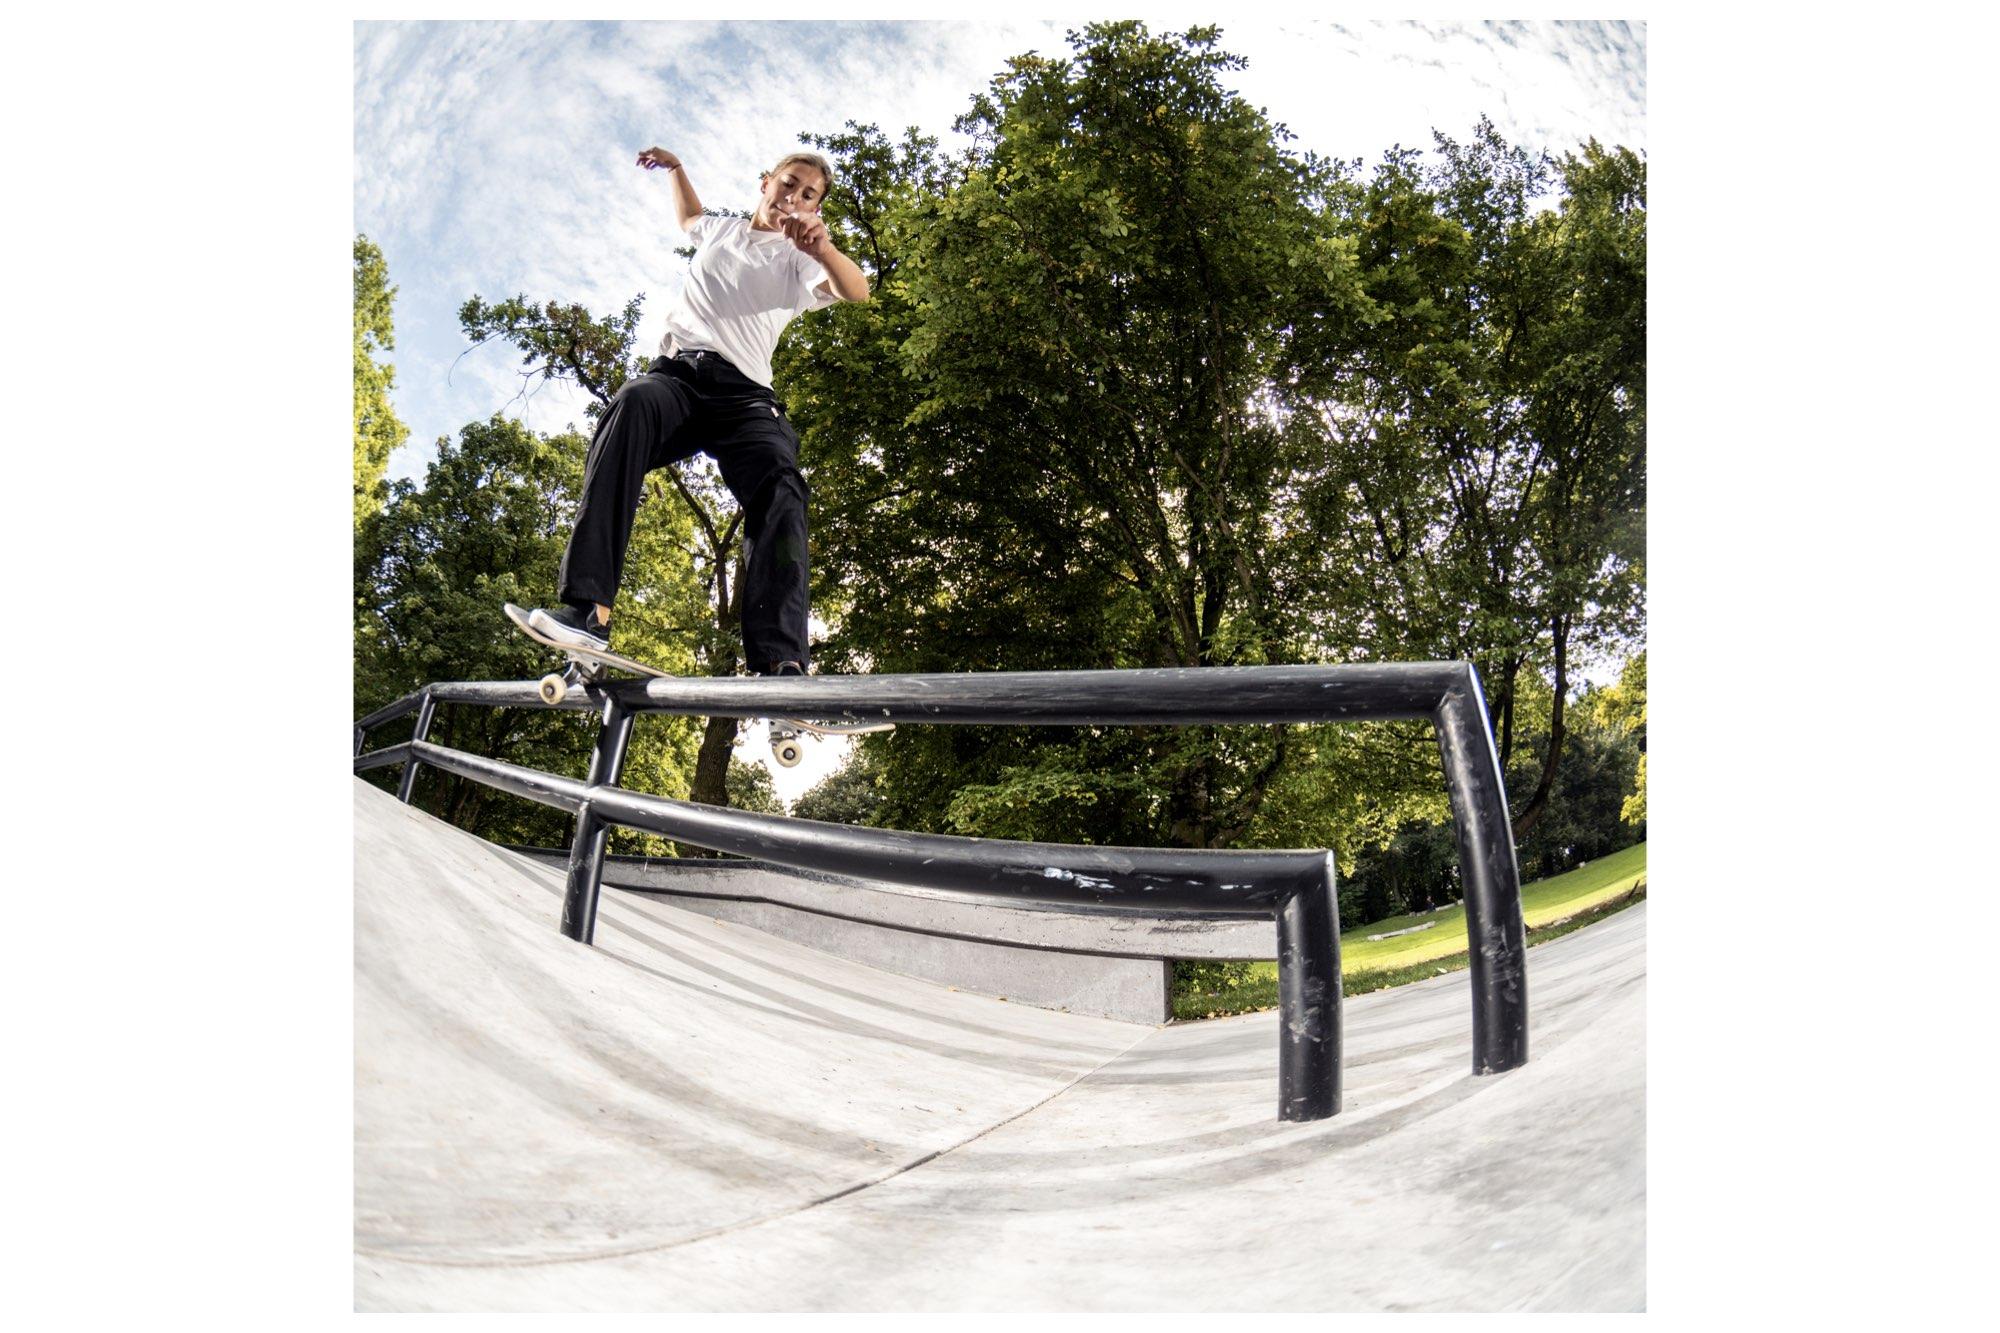 lndskt_skatepark_planung_hirschgarten_muenchen_fiona_wessely